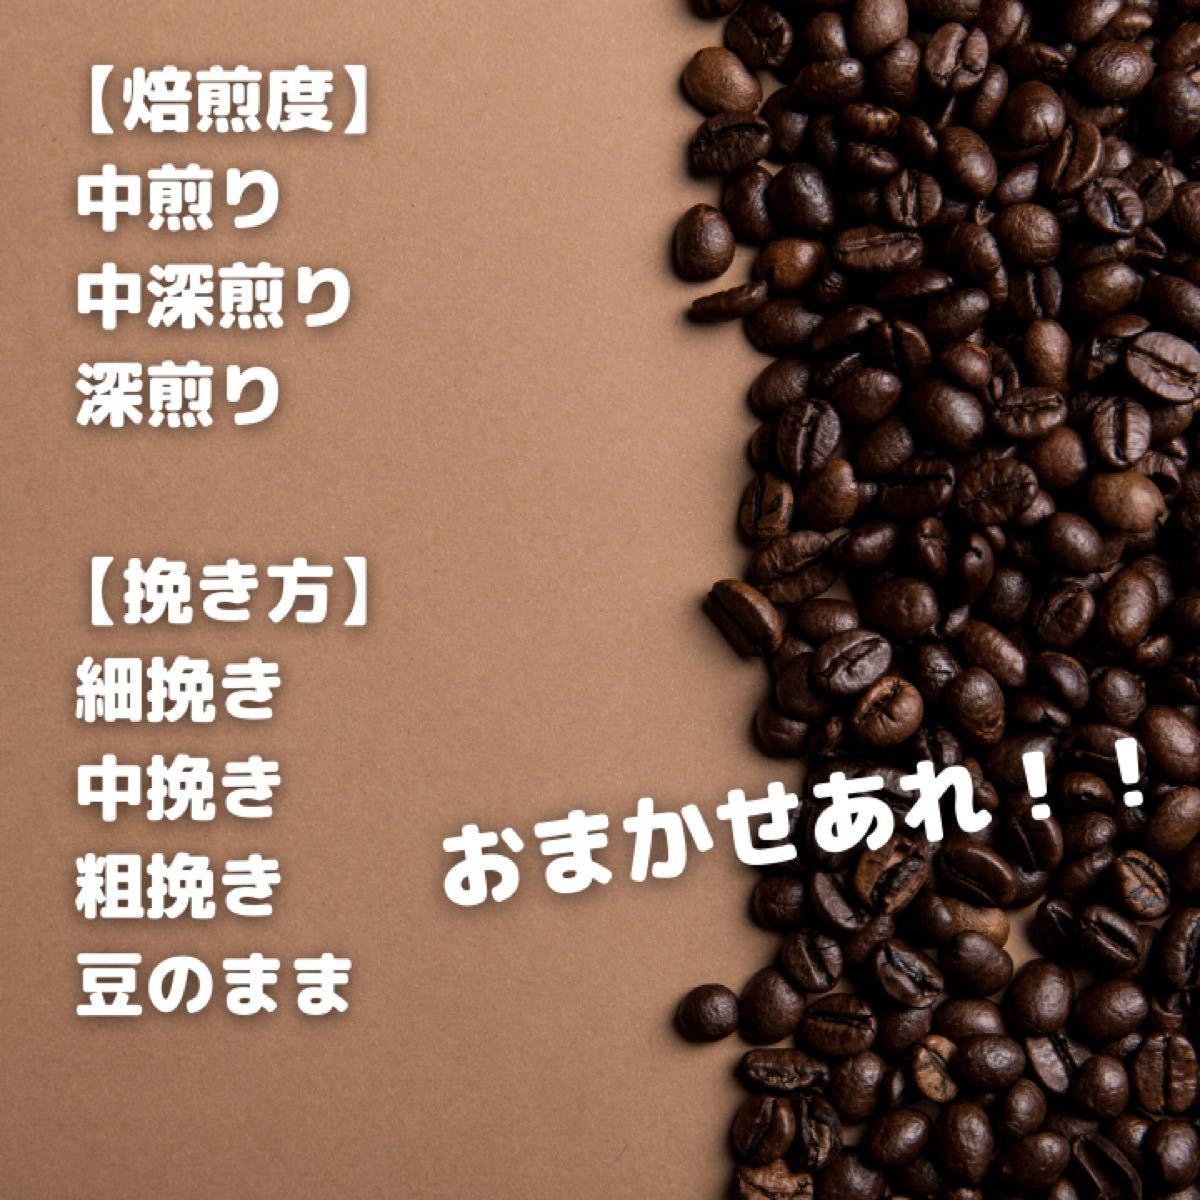 自家焙煎コーヒー豆【アウトドア専用ブレンド】200g